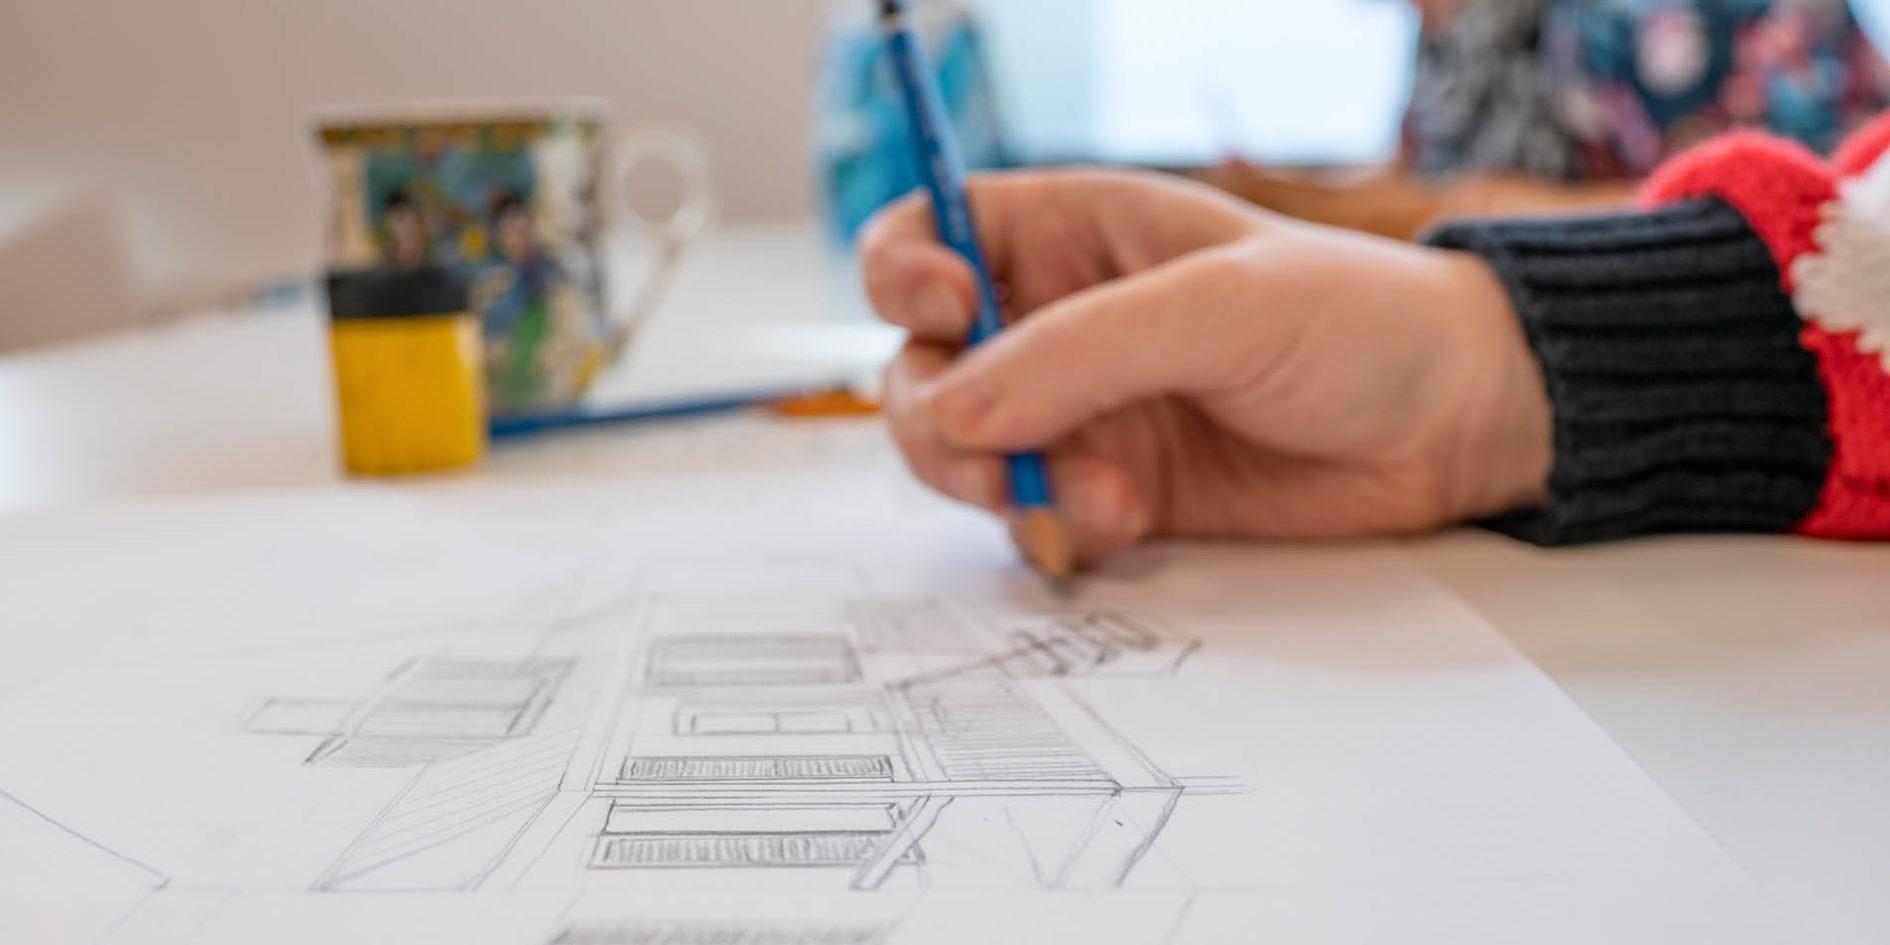 Etudiant dessinant sur une feuille de papier